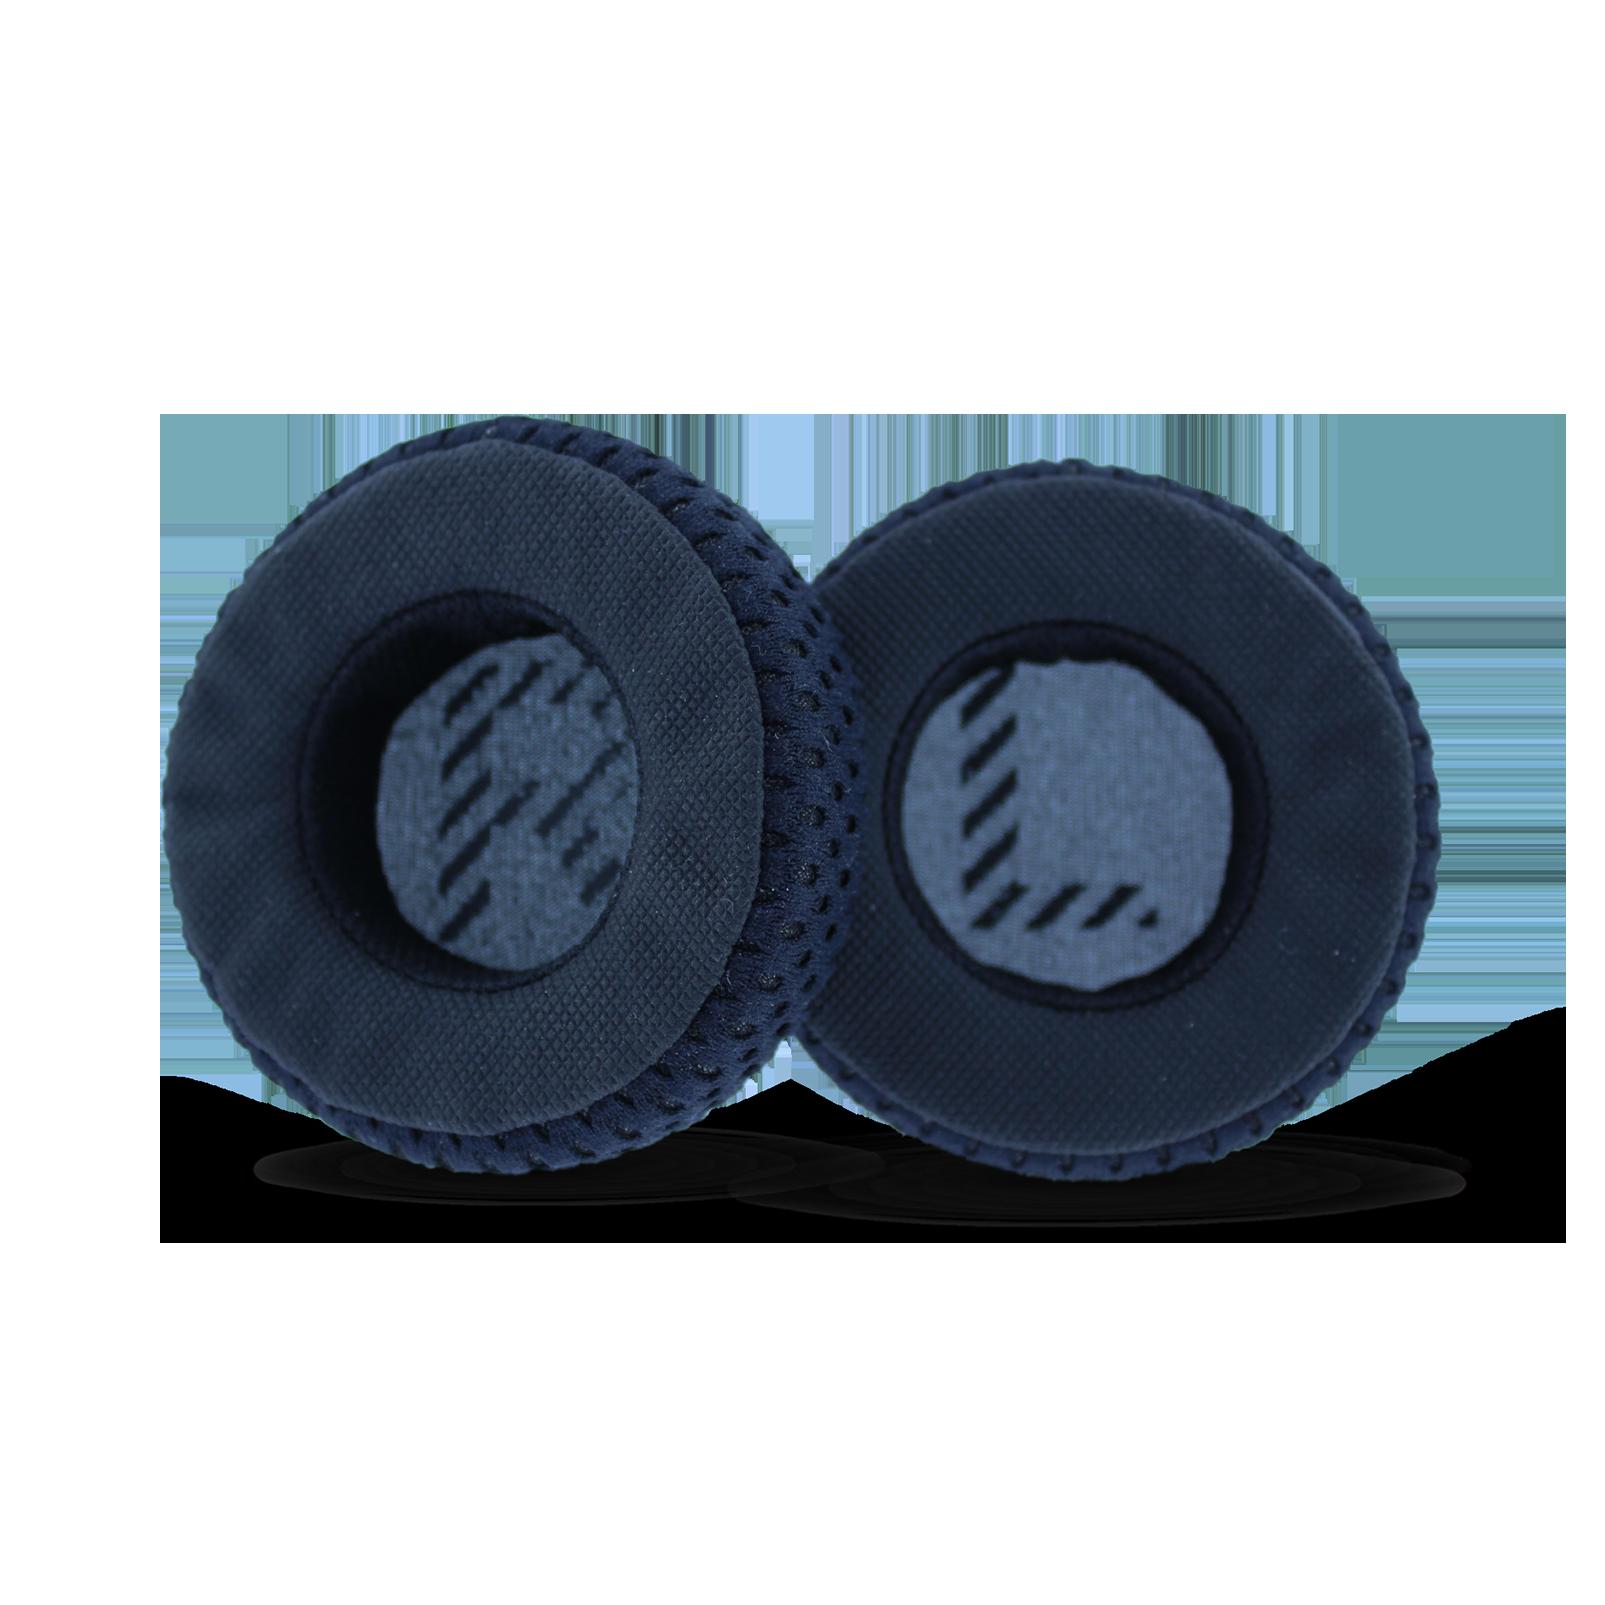 JBL Ear pads for UA Rock/UA Train - Black - Ear pads (L+R) - Hero